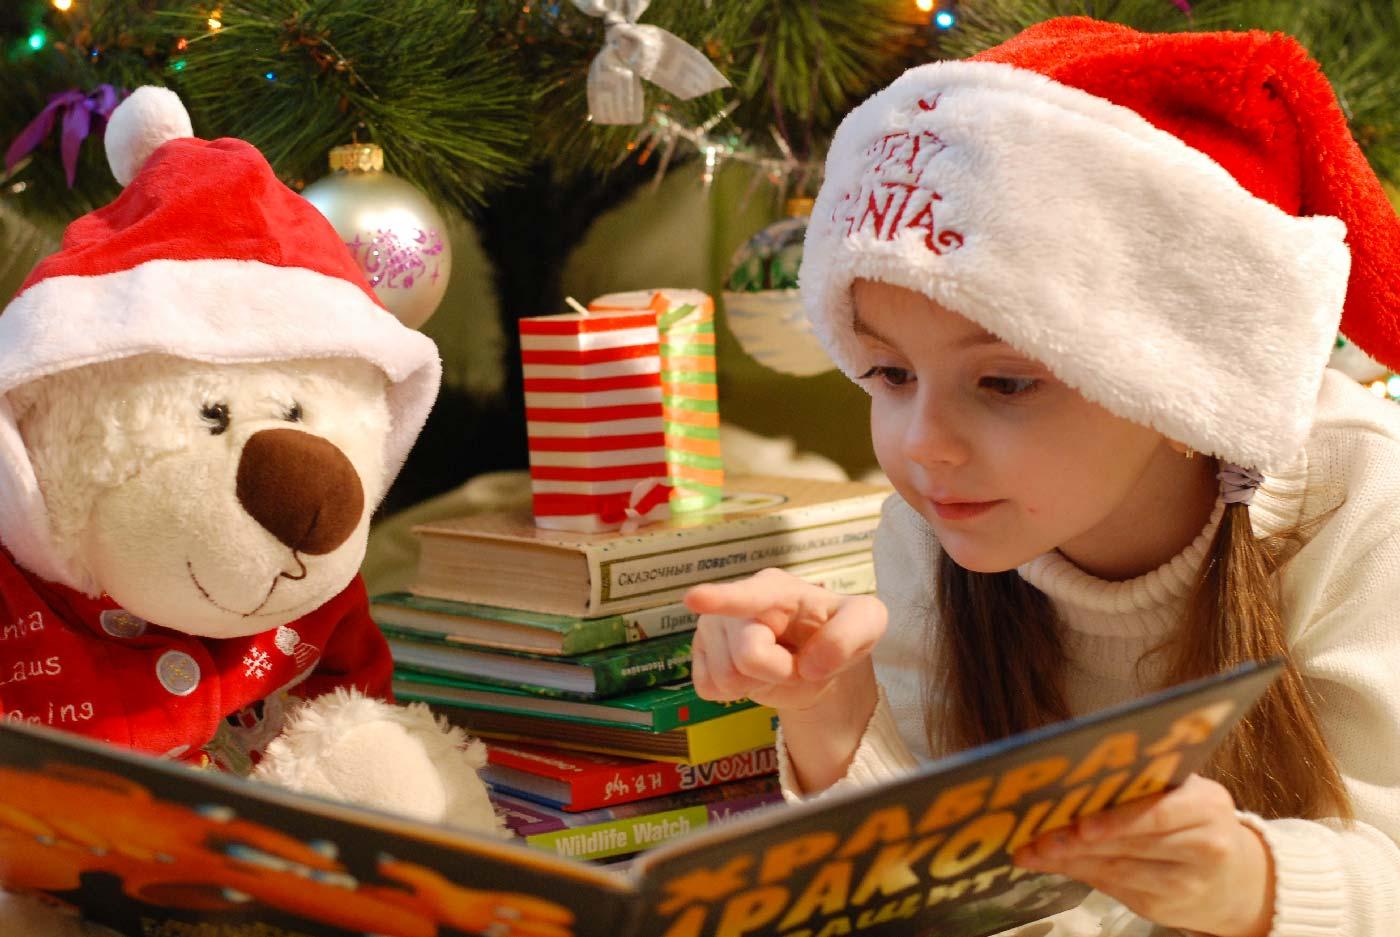 I bambini amano cantare le canzoncine di natale e vivere in pieno l'atmosfera natalizia. Bambini E Denti A Natale Alcuni Buoni Consigli Dolci Si O No